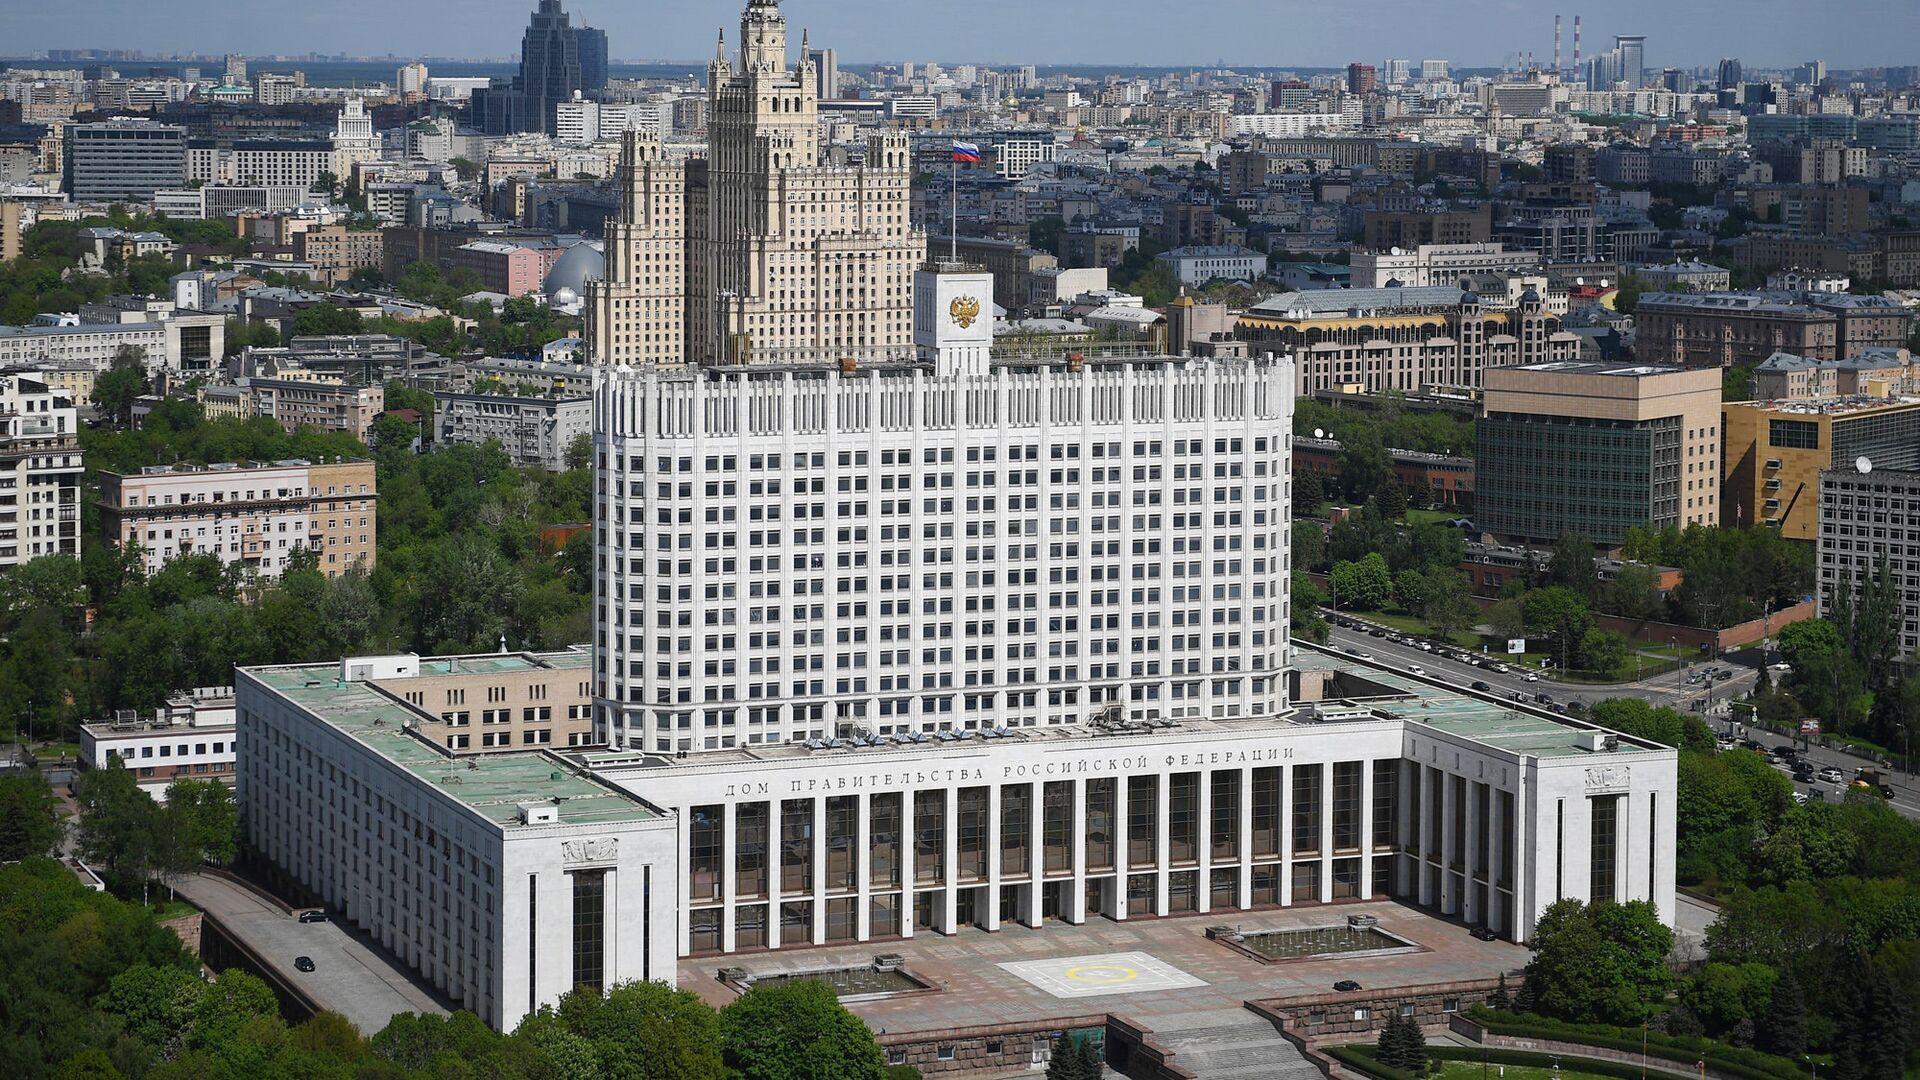 Дом Правительства РФ - РИА Новости, 1920, 27.07.2020